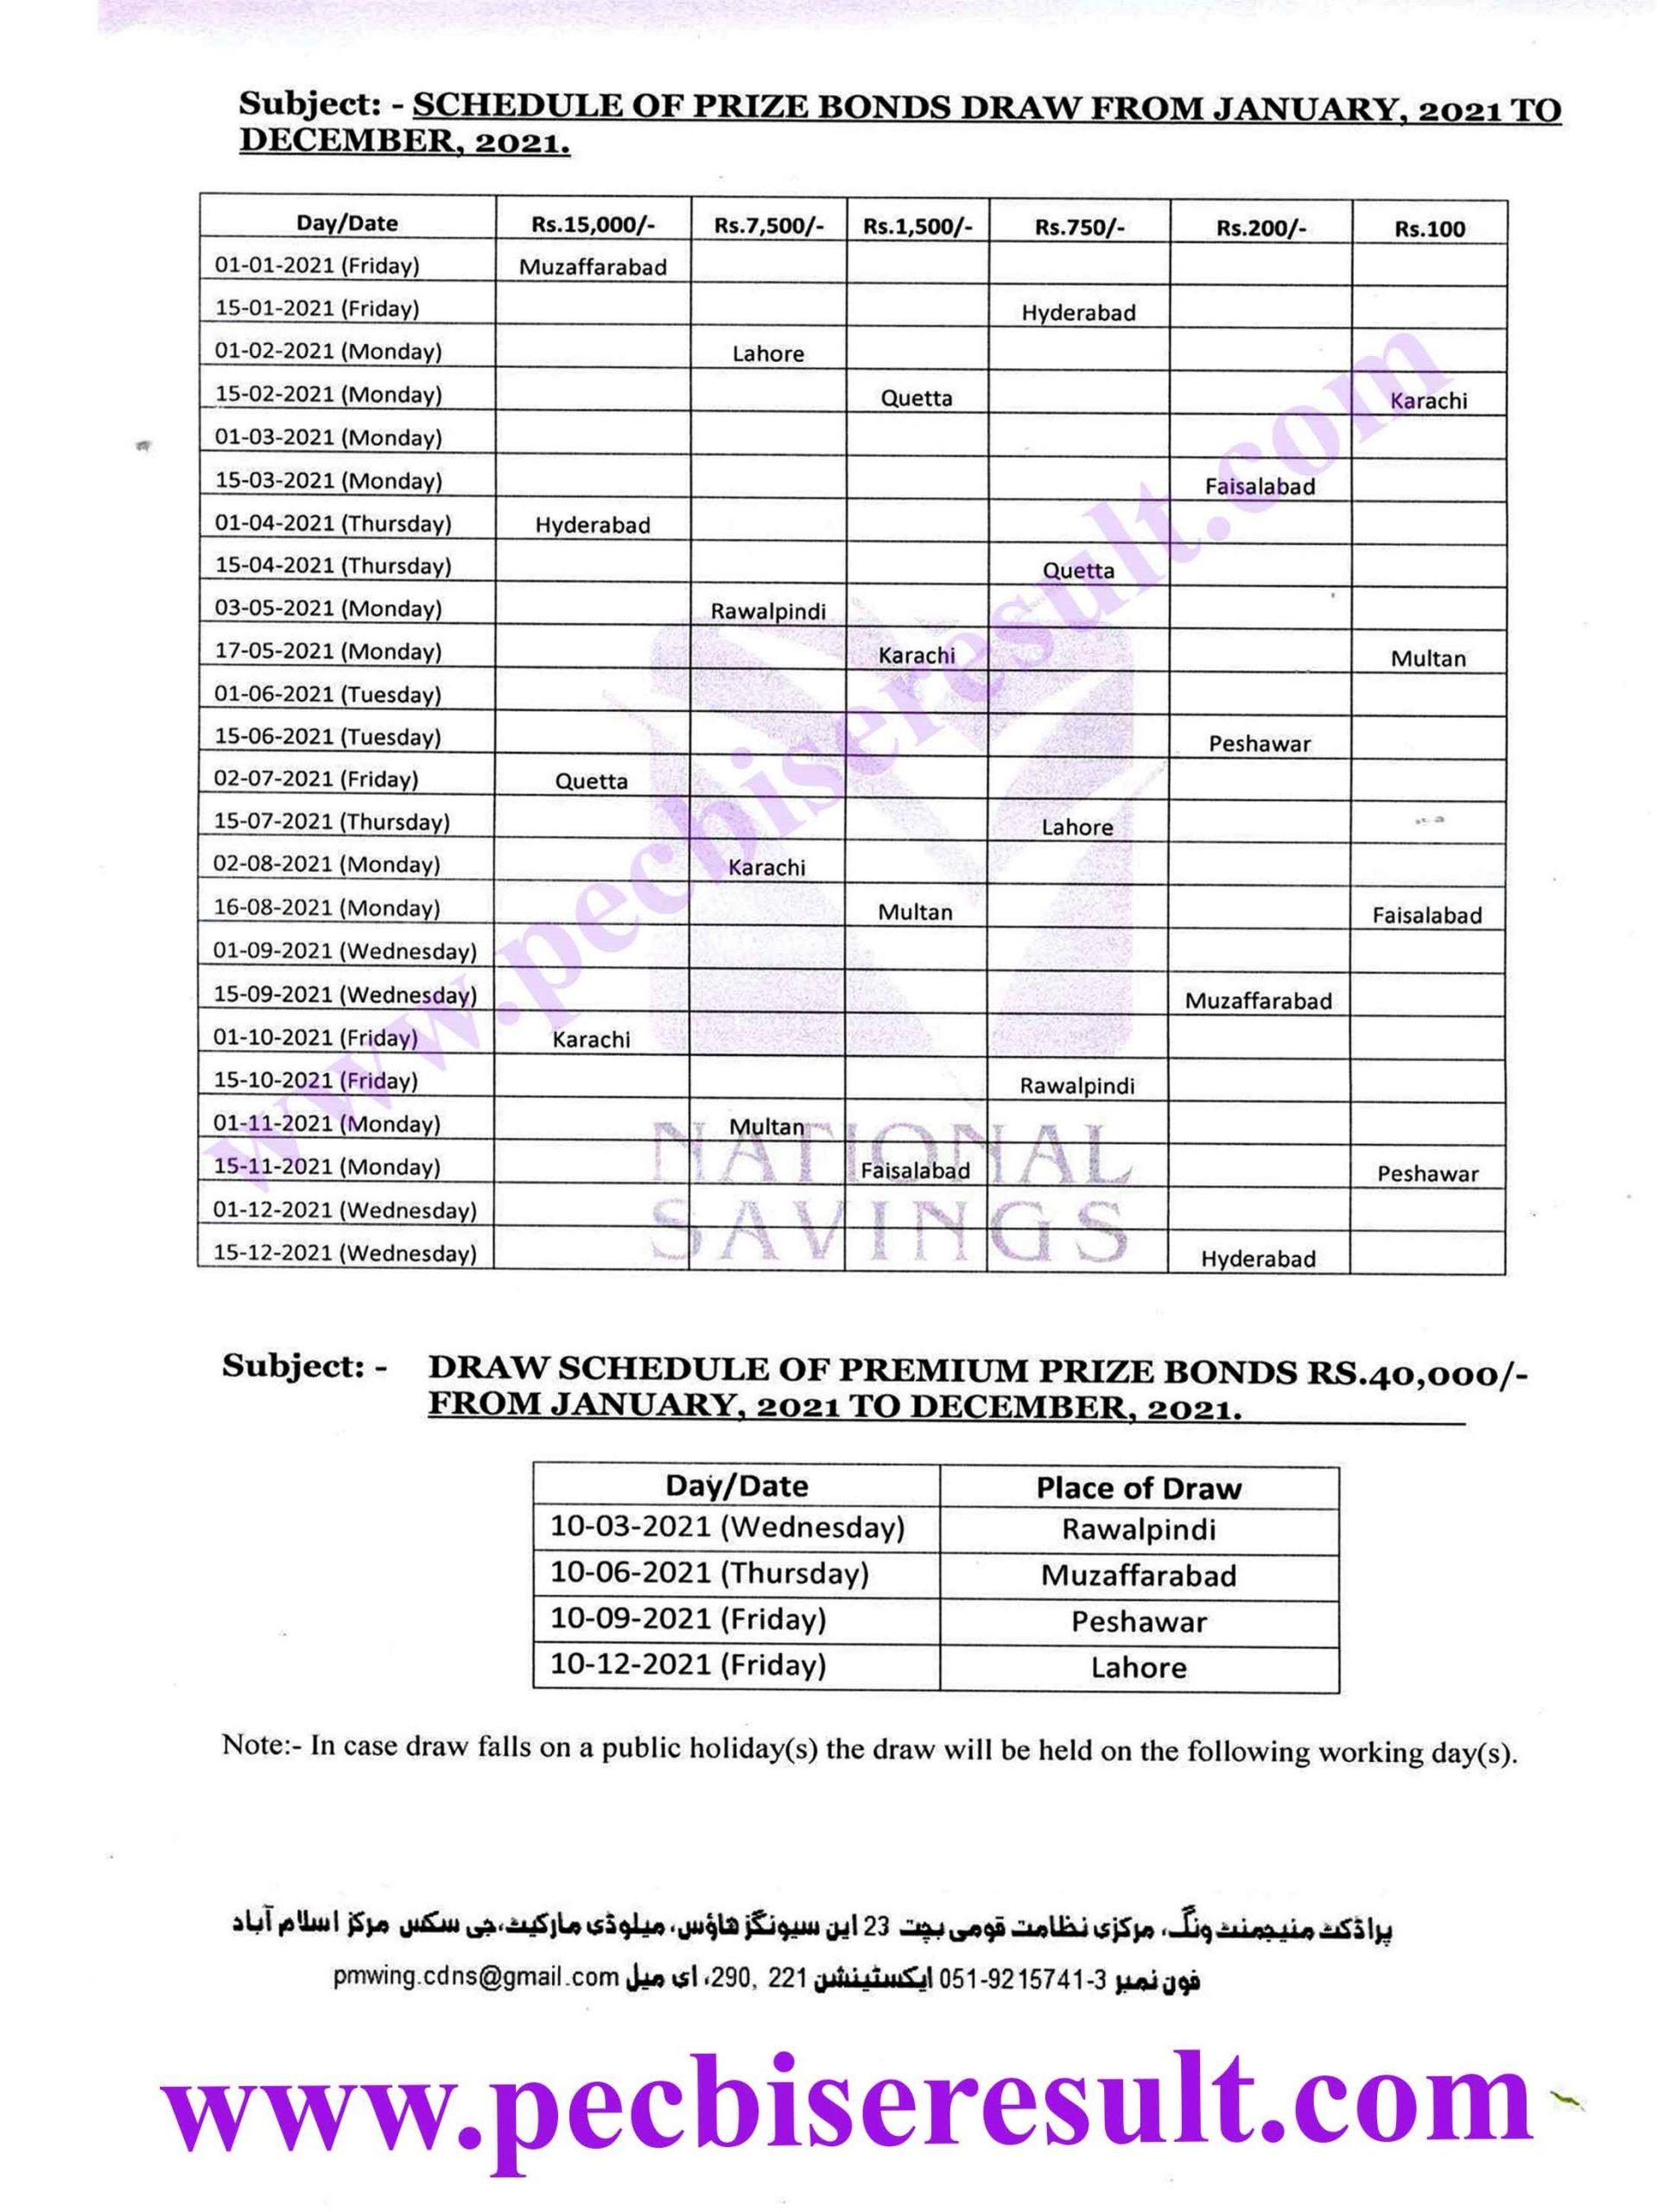 Prize bond schedule 2021-22